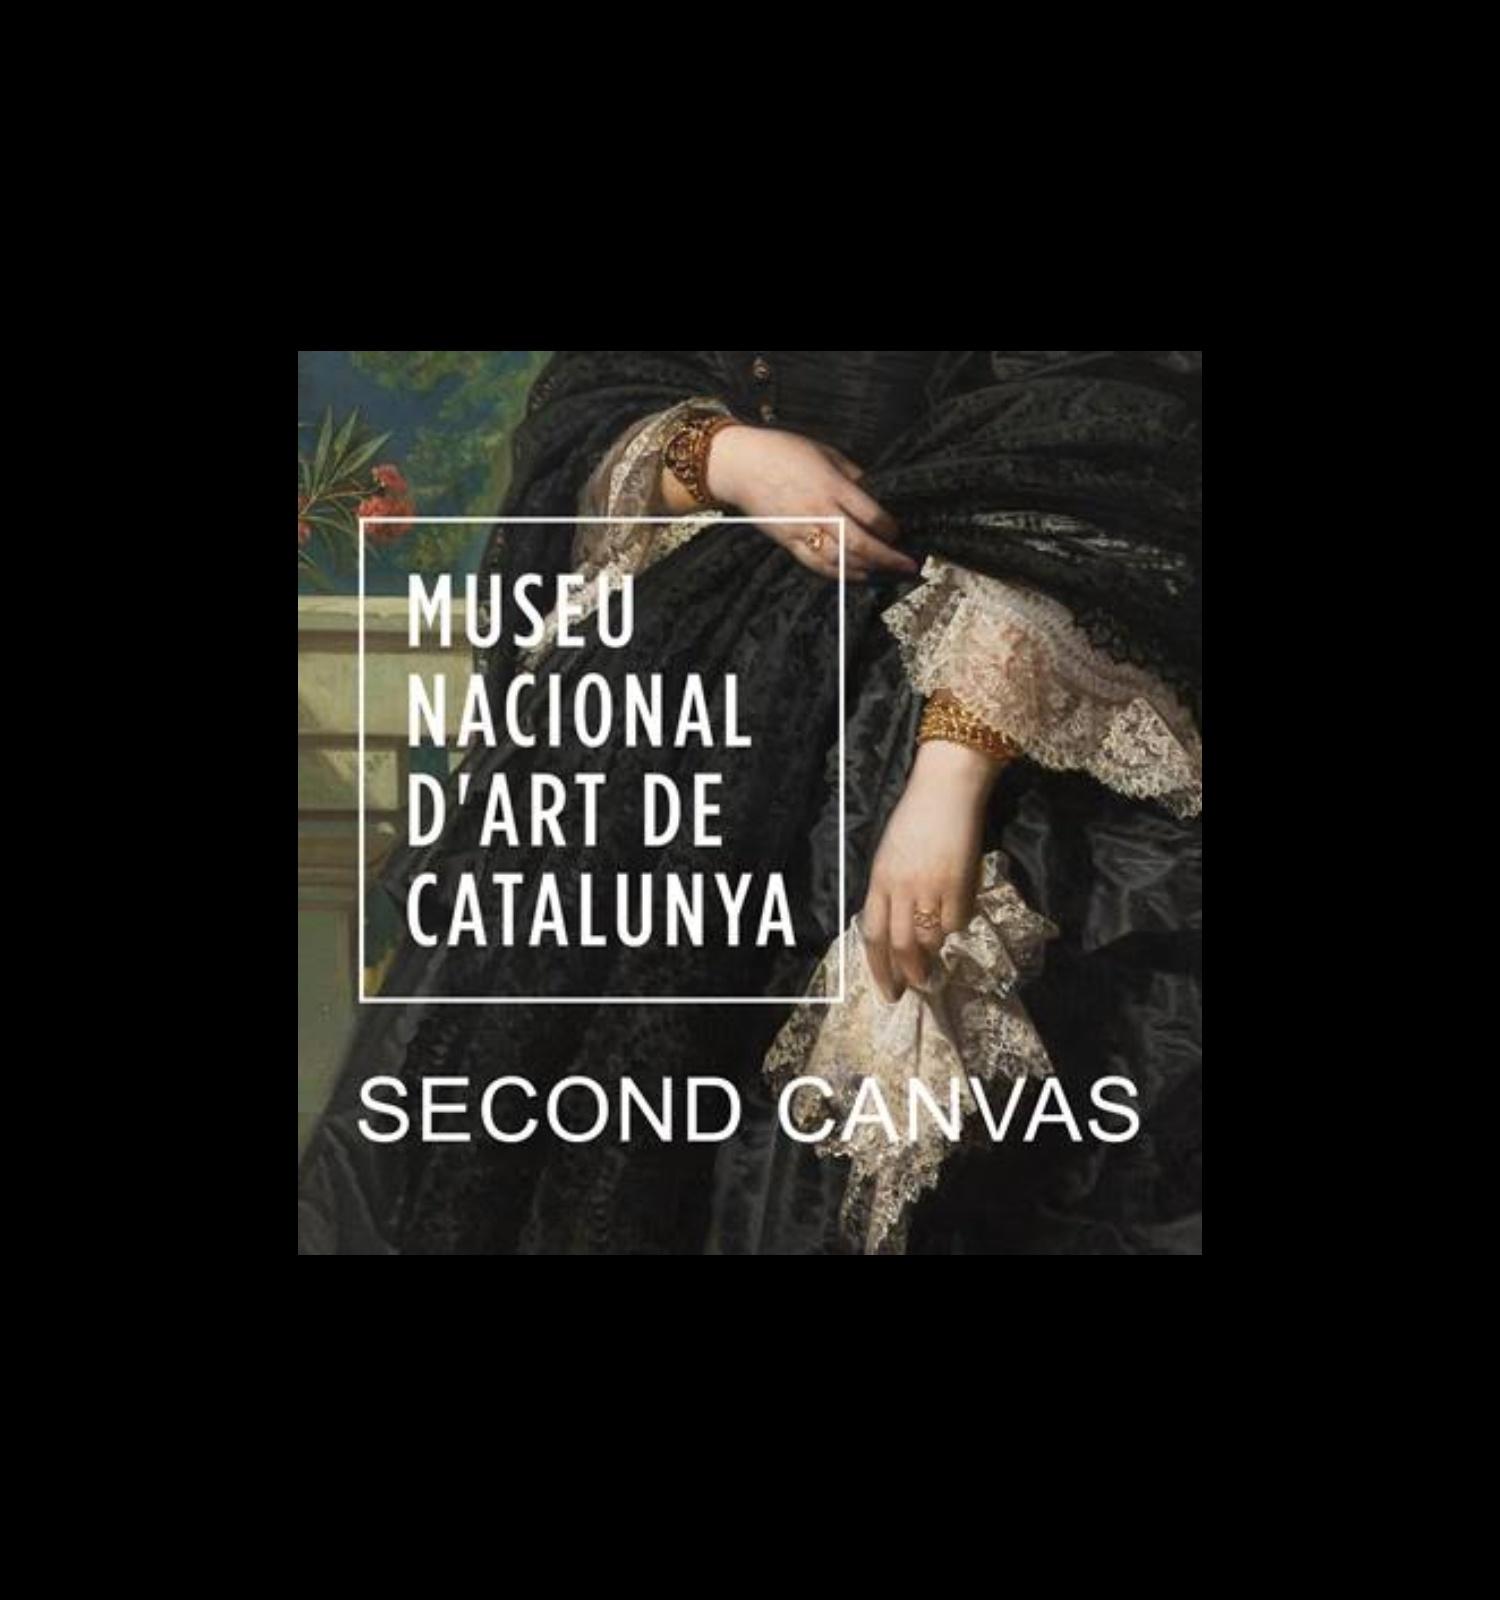 Una nova forma d'explorar el museu: l'App 'Second Canvas'